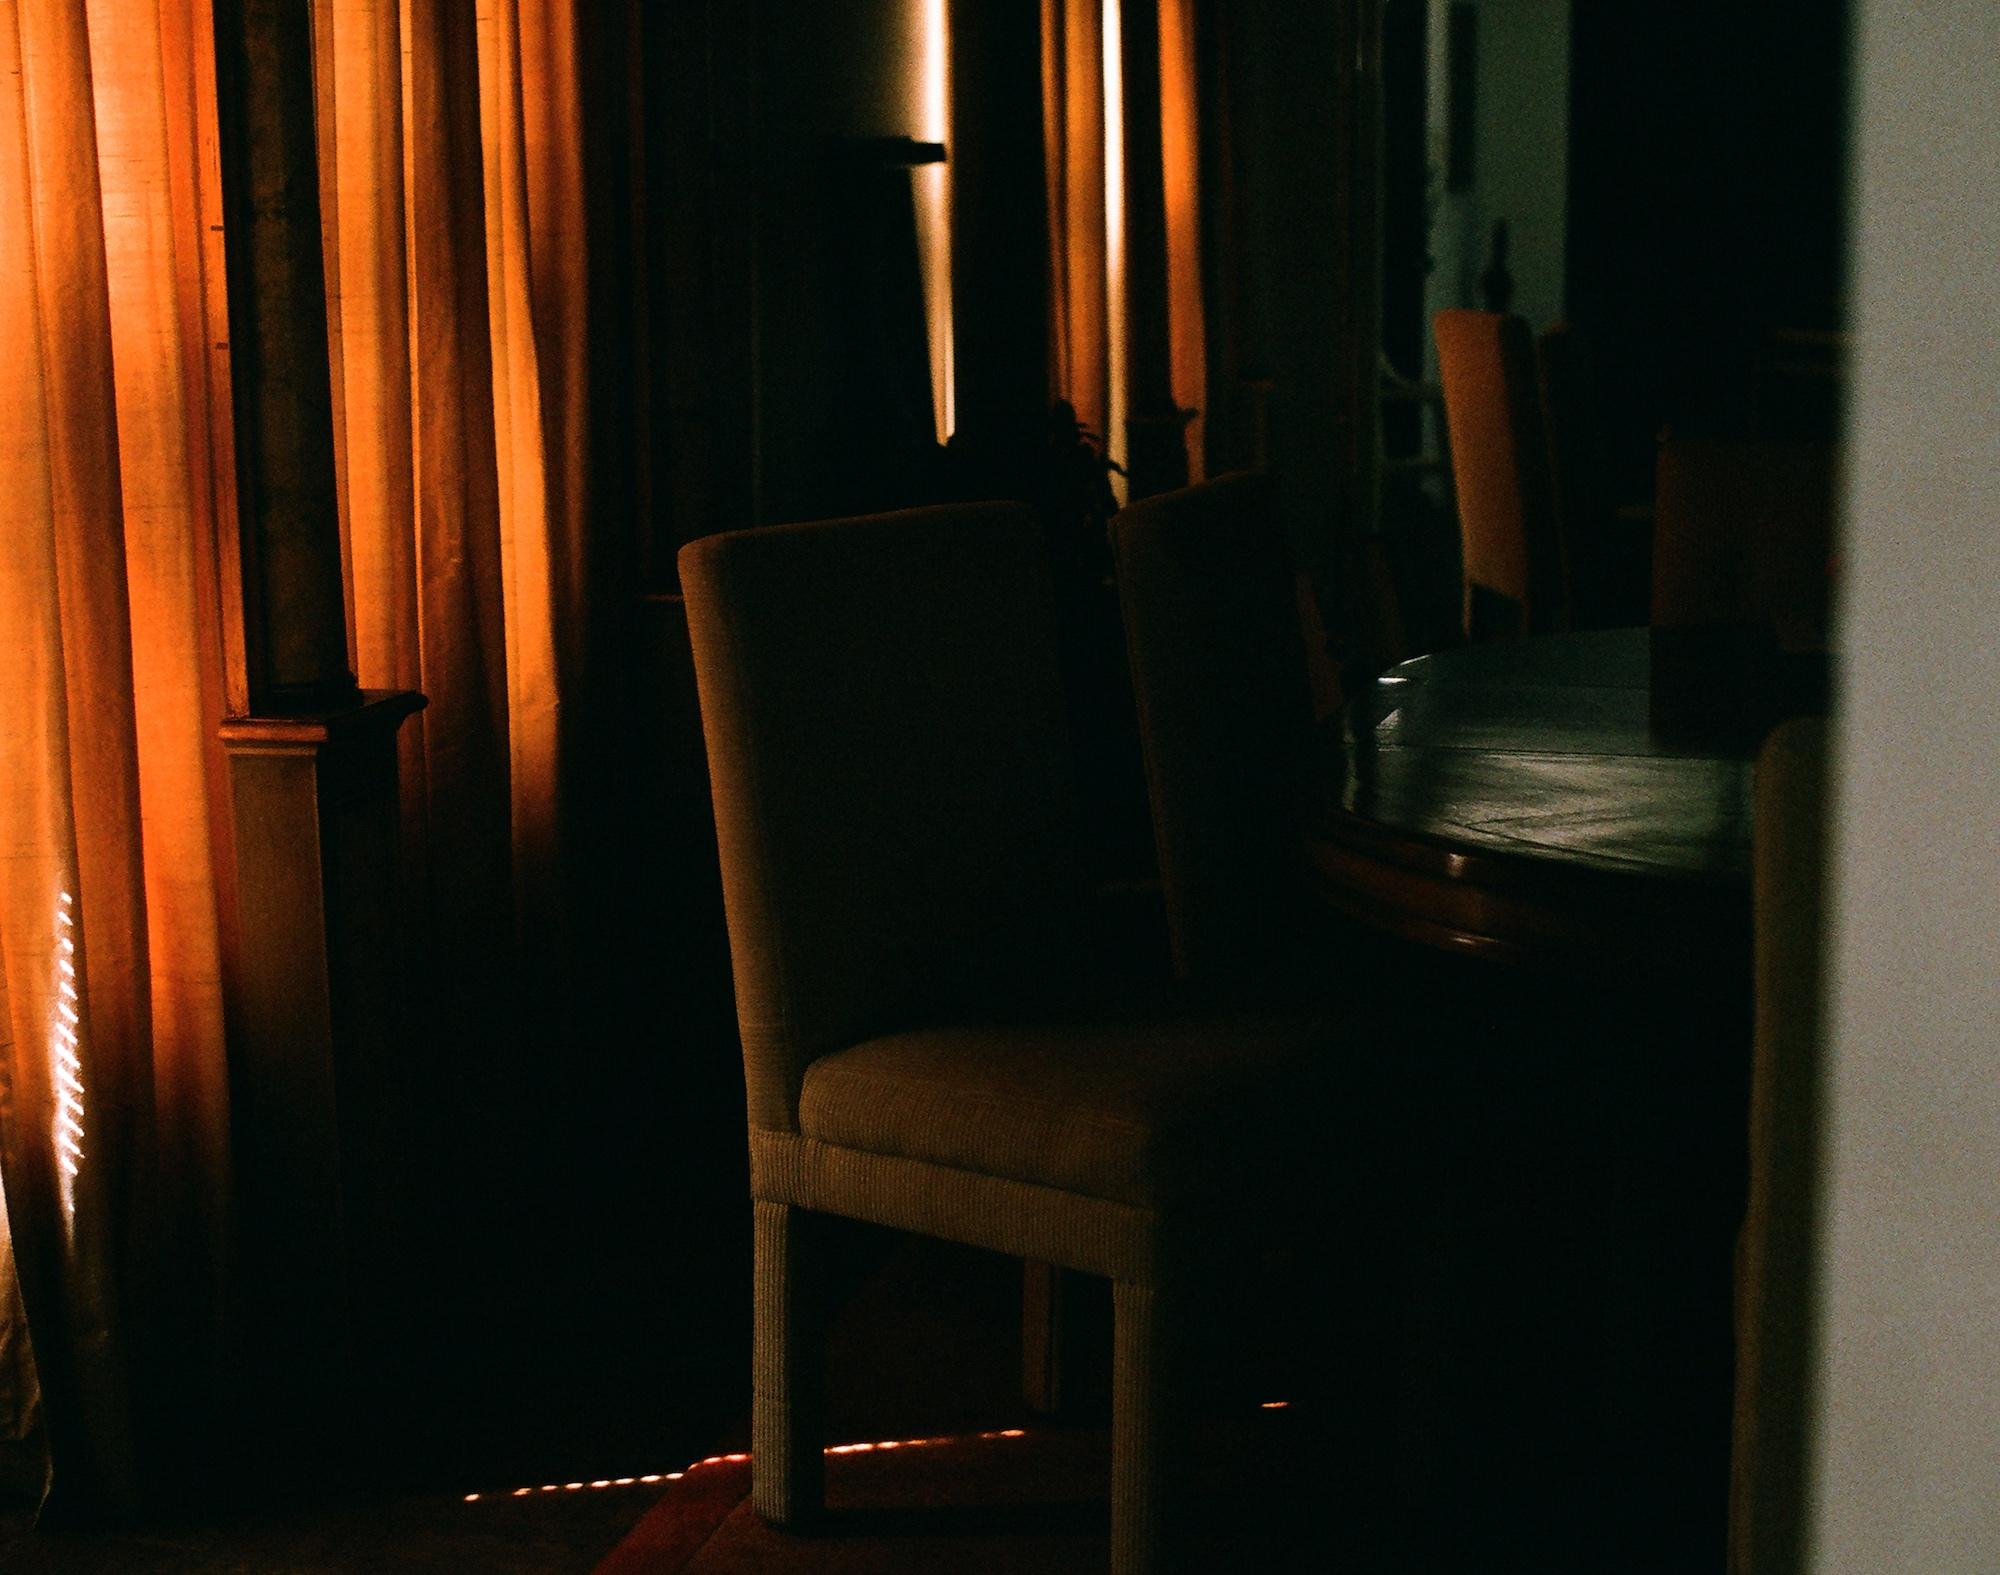 dining room copy2 copy.jpg